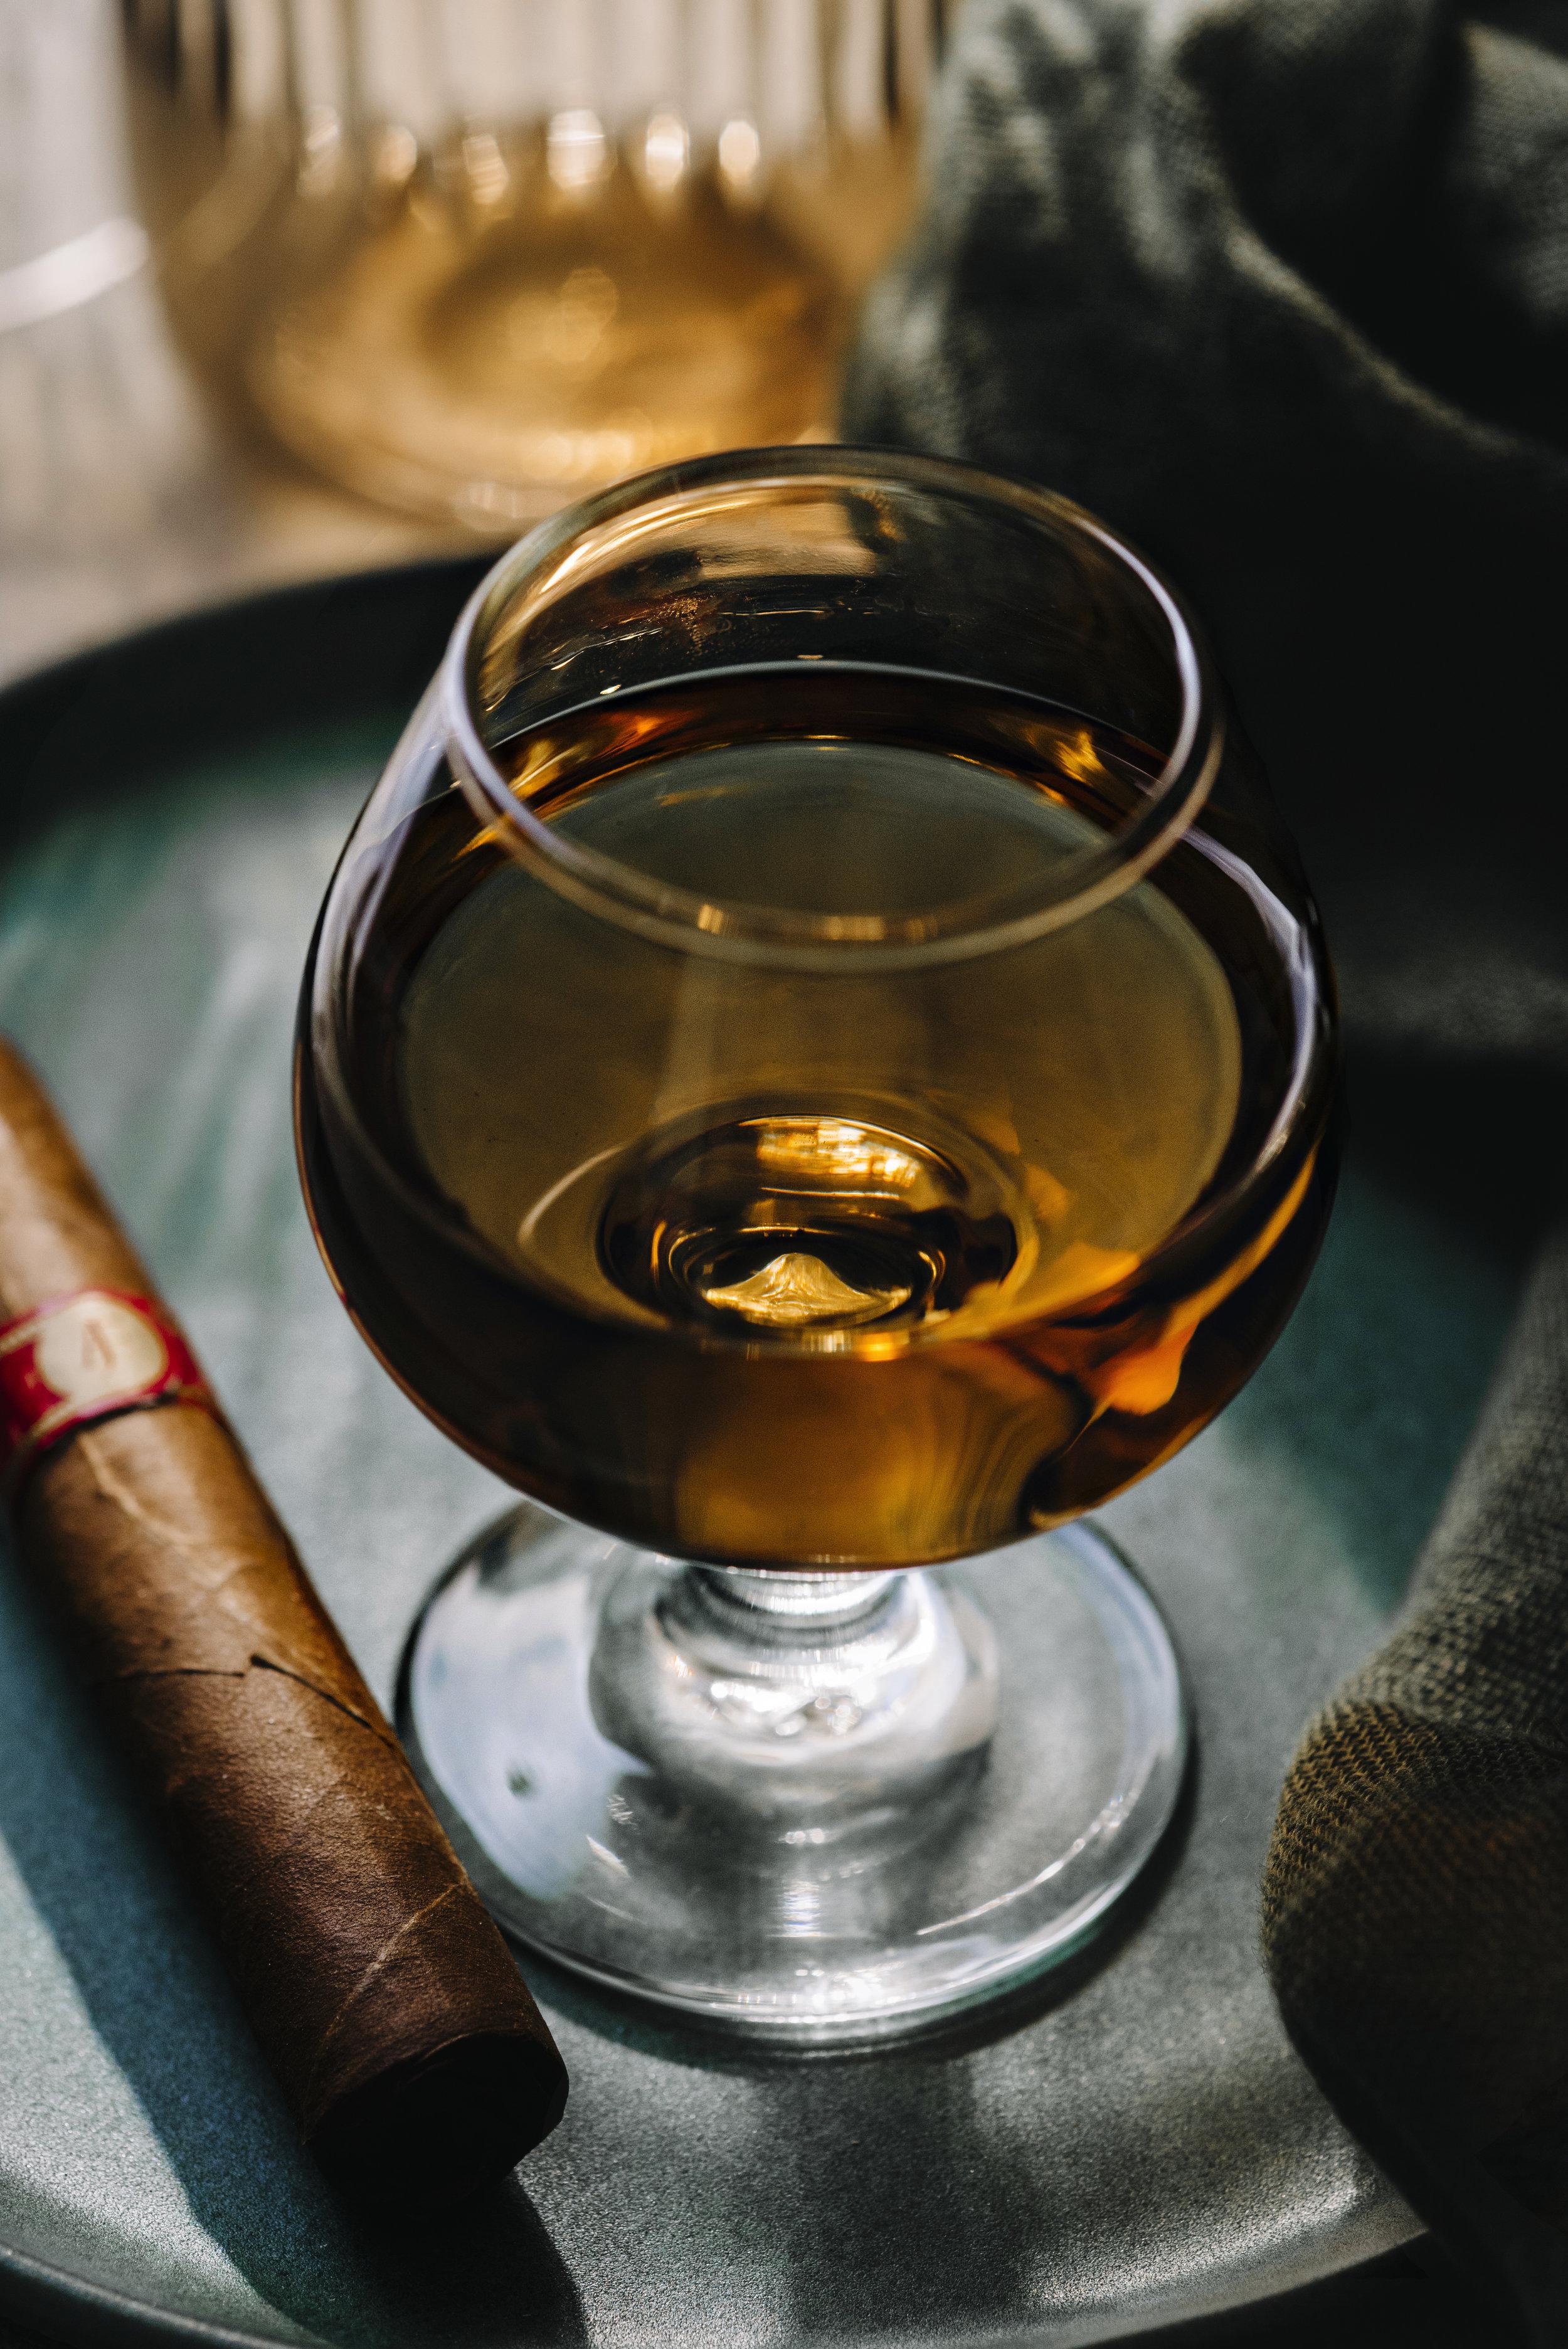 whisky_test-1.jpg